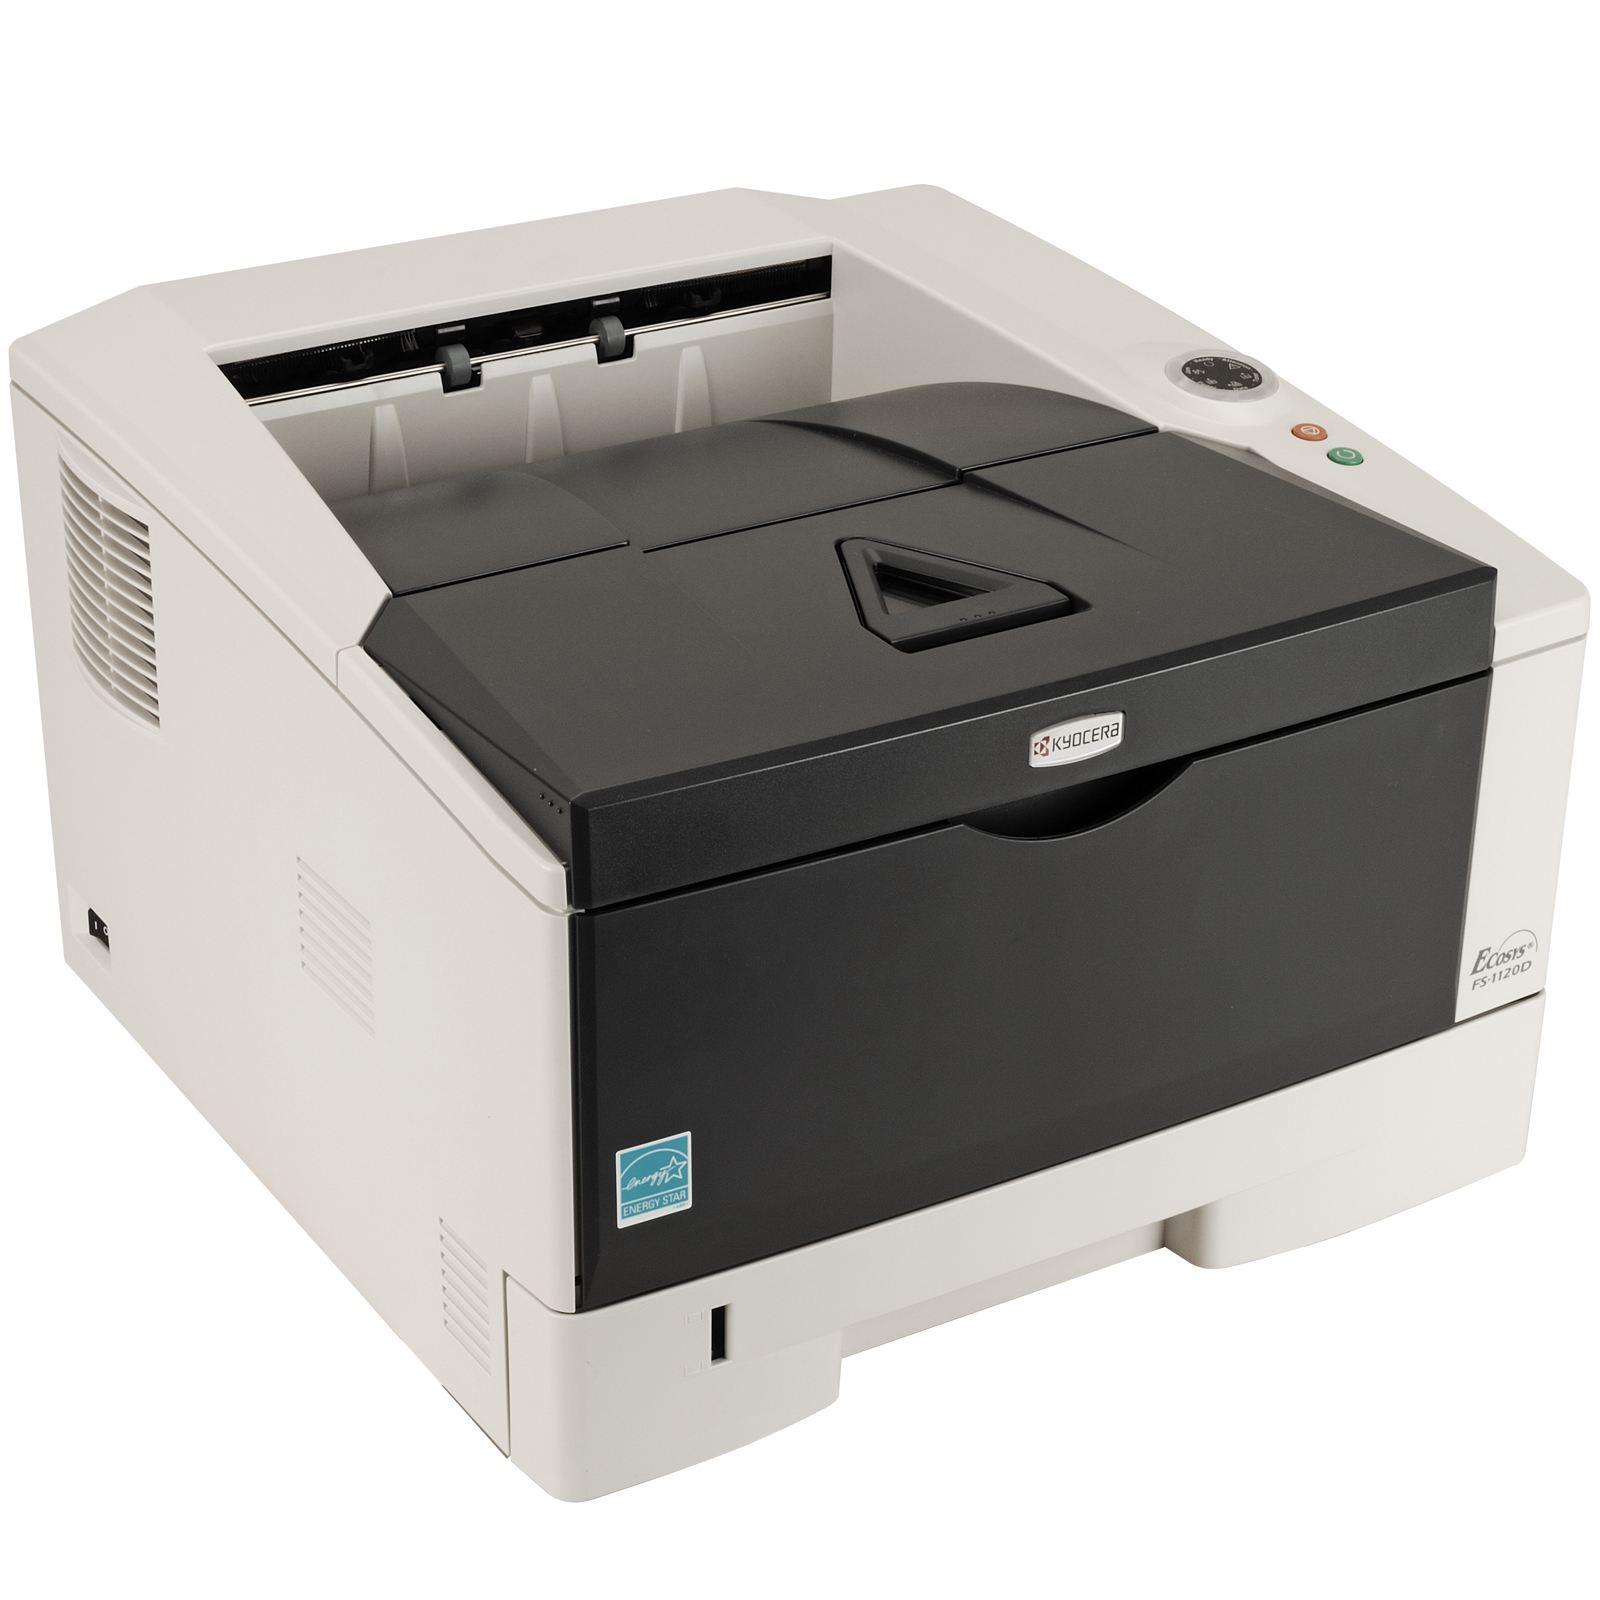 Монохромные лазерные принтеры Kyocera FS-1120 и Kyocera FS-1320D и Kyocera FS-1350DN